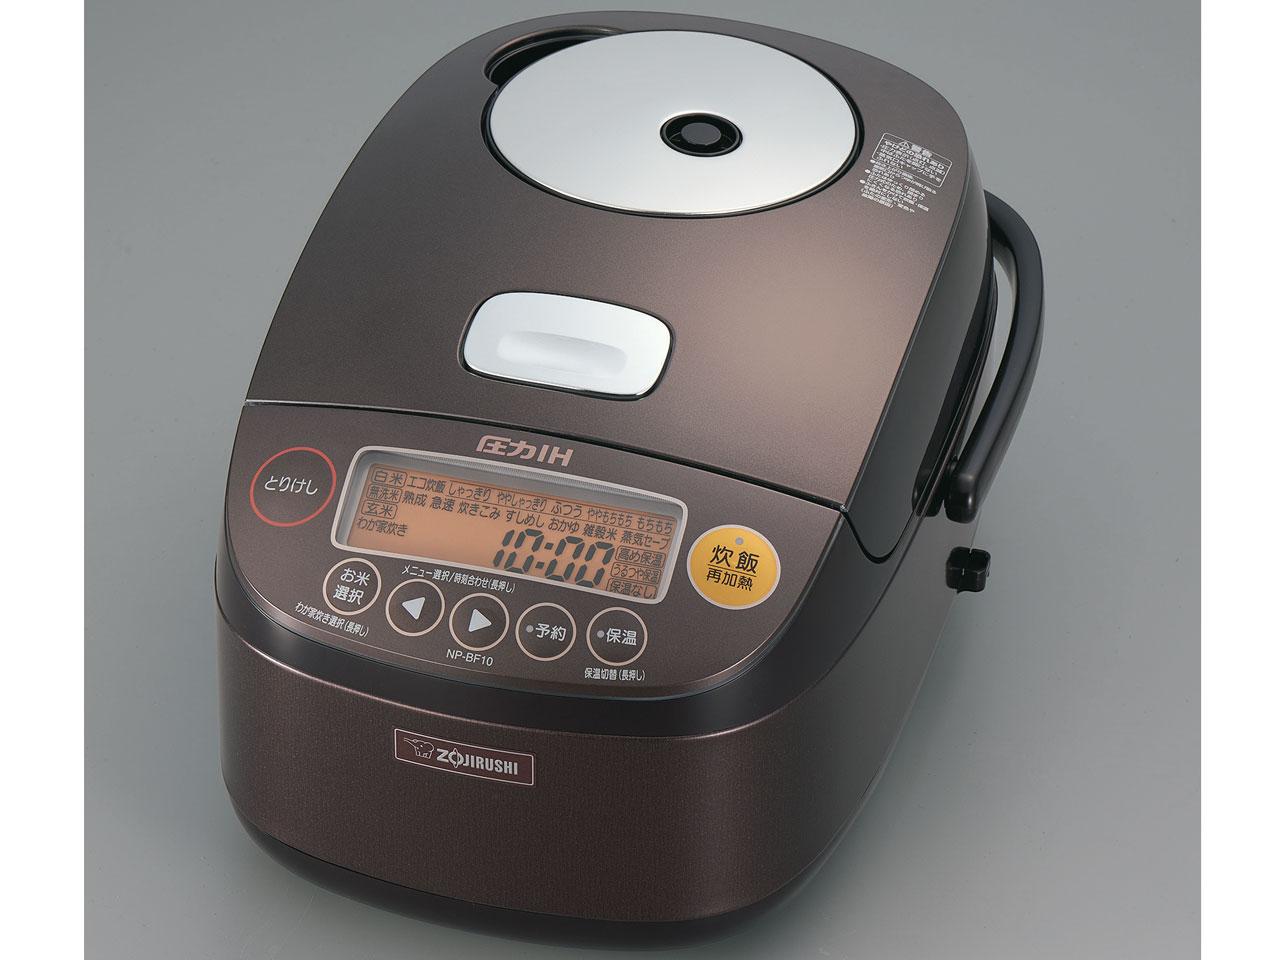 極め炊き NP-BF10-TD [ダークブラウン] の製品画像